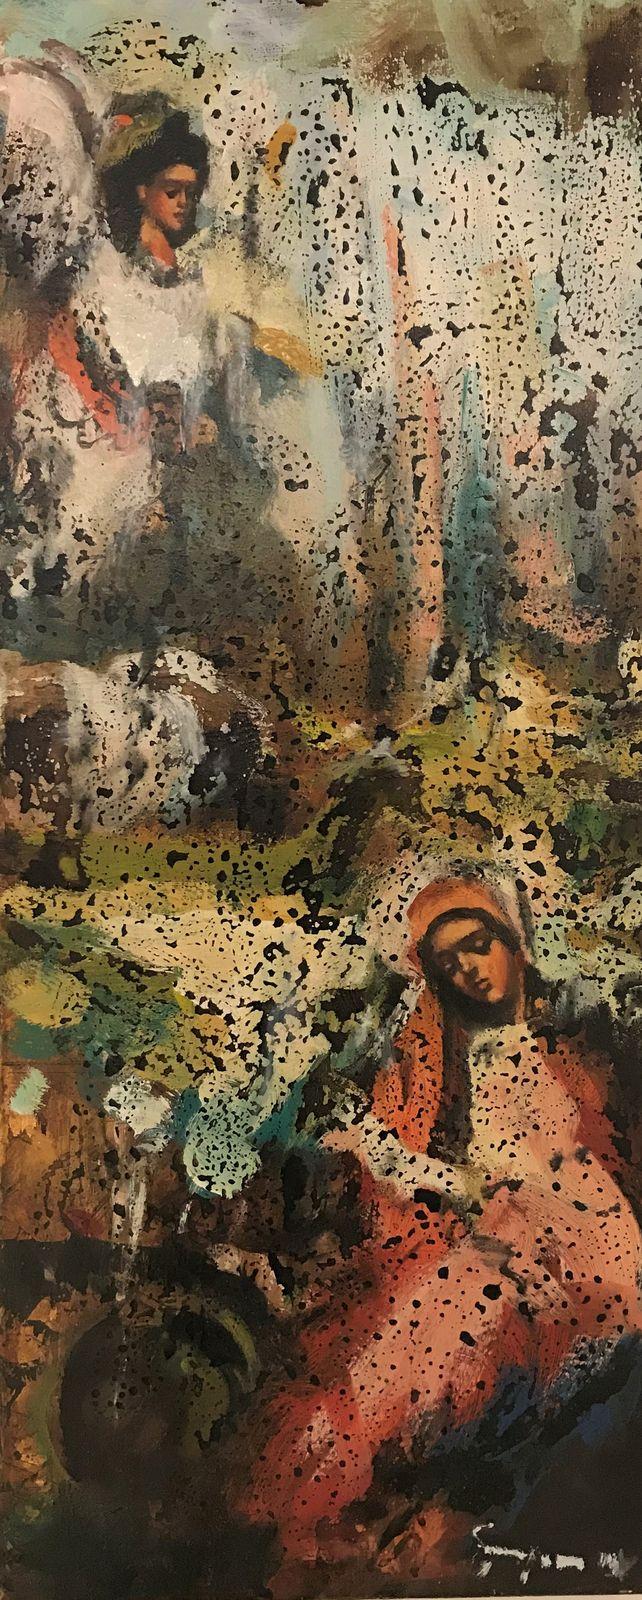 Μίλτος Γκατζώνης 30×70 εκ Λάδια σε καμβά Miltos Gatzonis 30×70 cm Oils on canvas